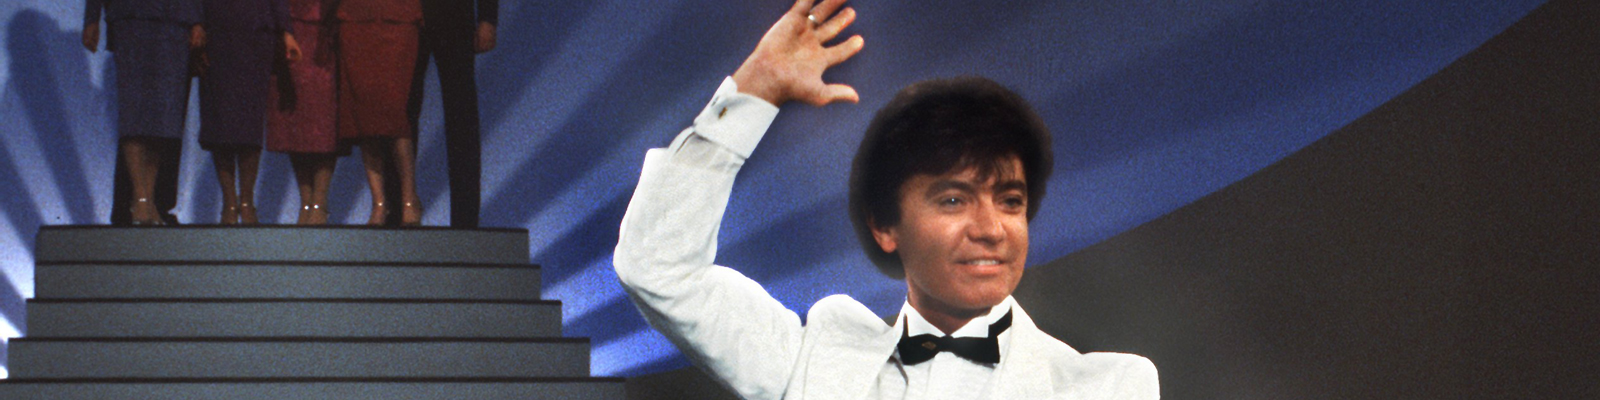 Der Schlagersänger Rex Gildo alias Ludwig Franz Hirtreiter bei einem Auftritt 1983